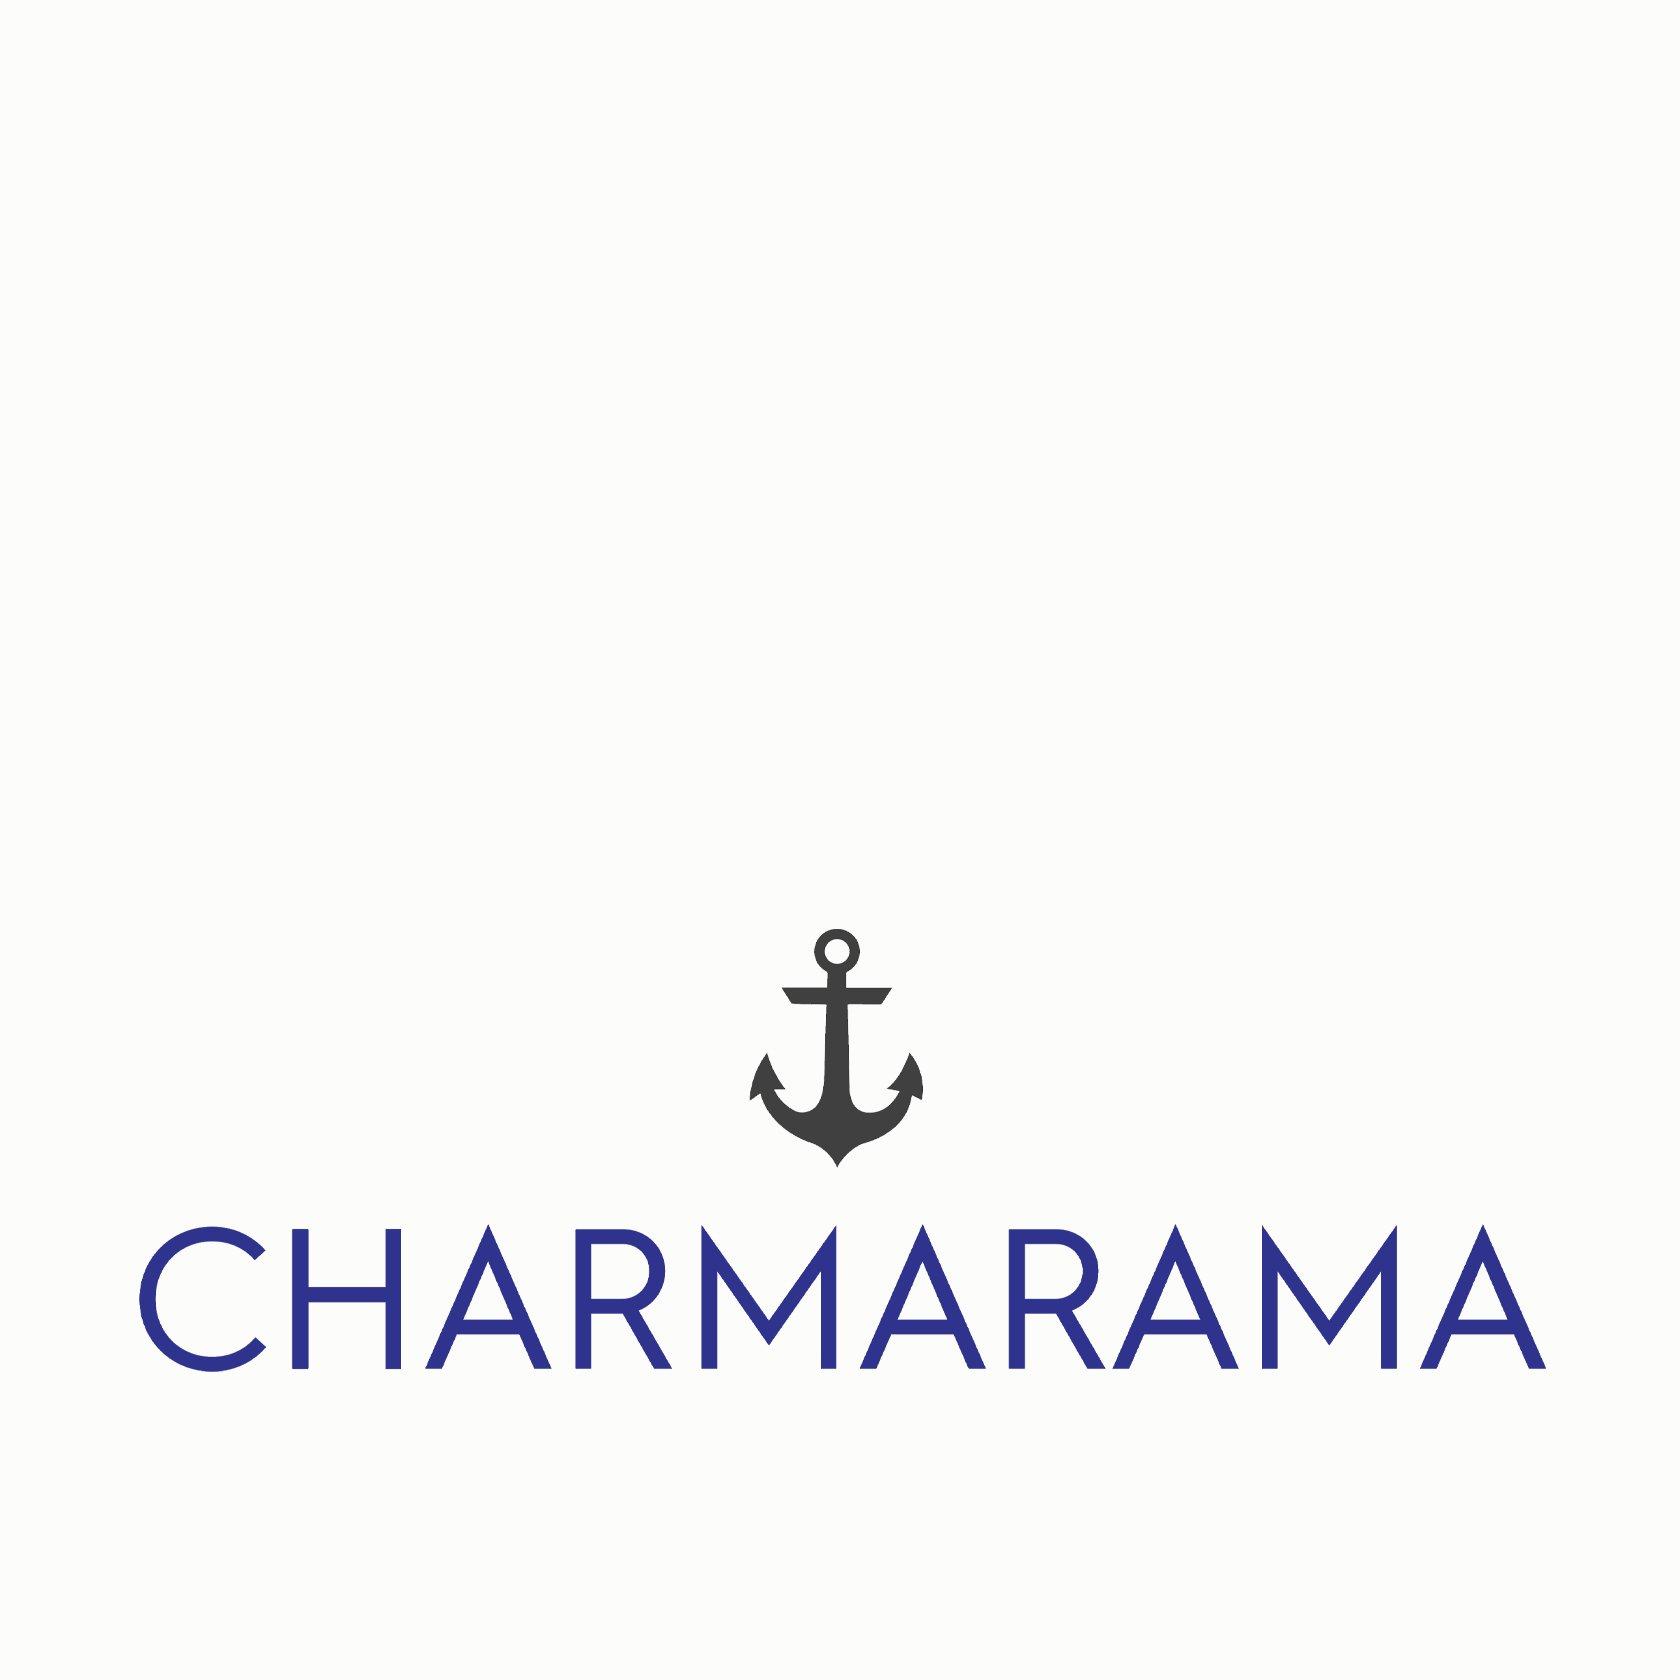 Charmarama